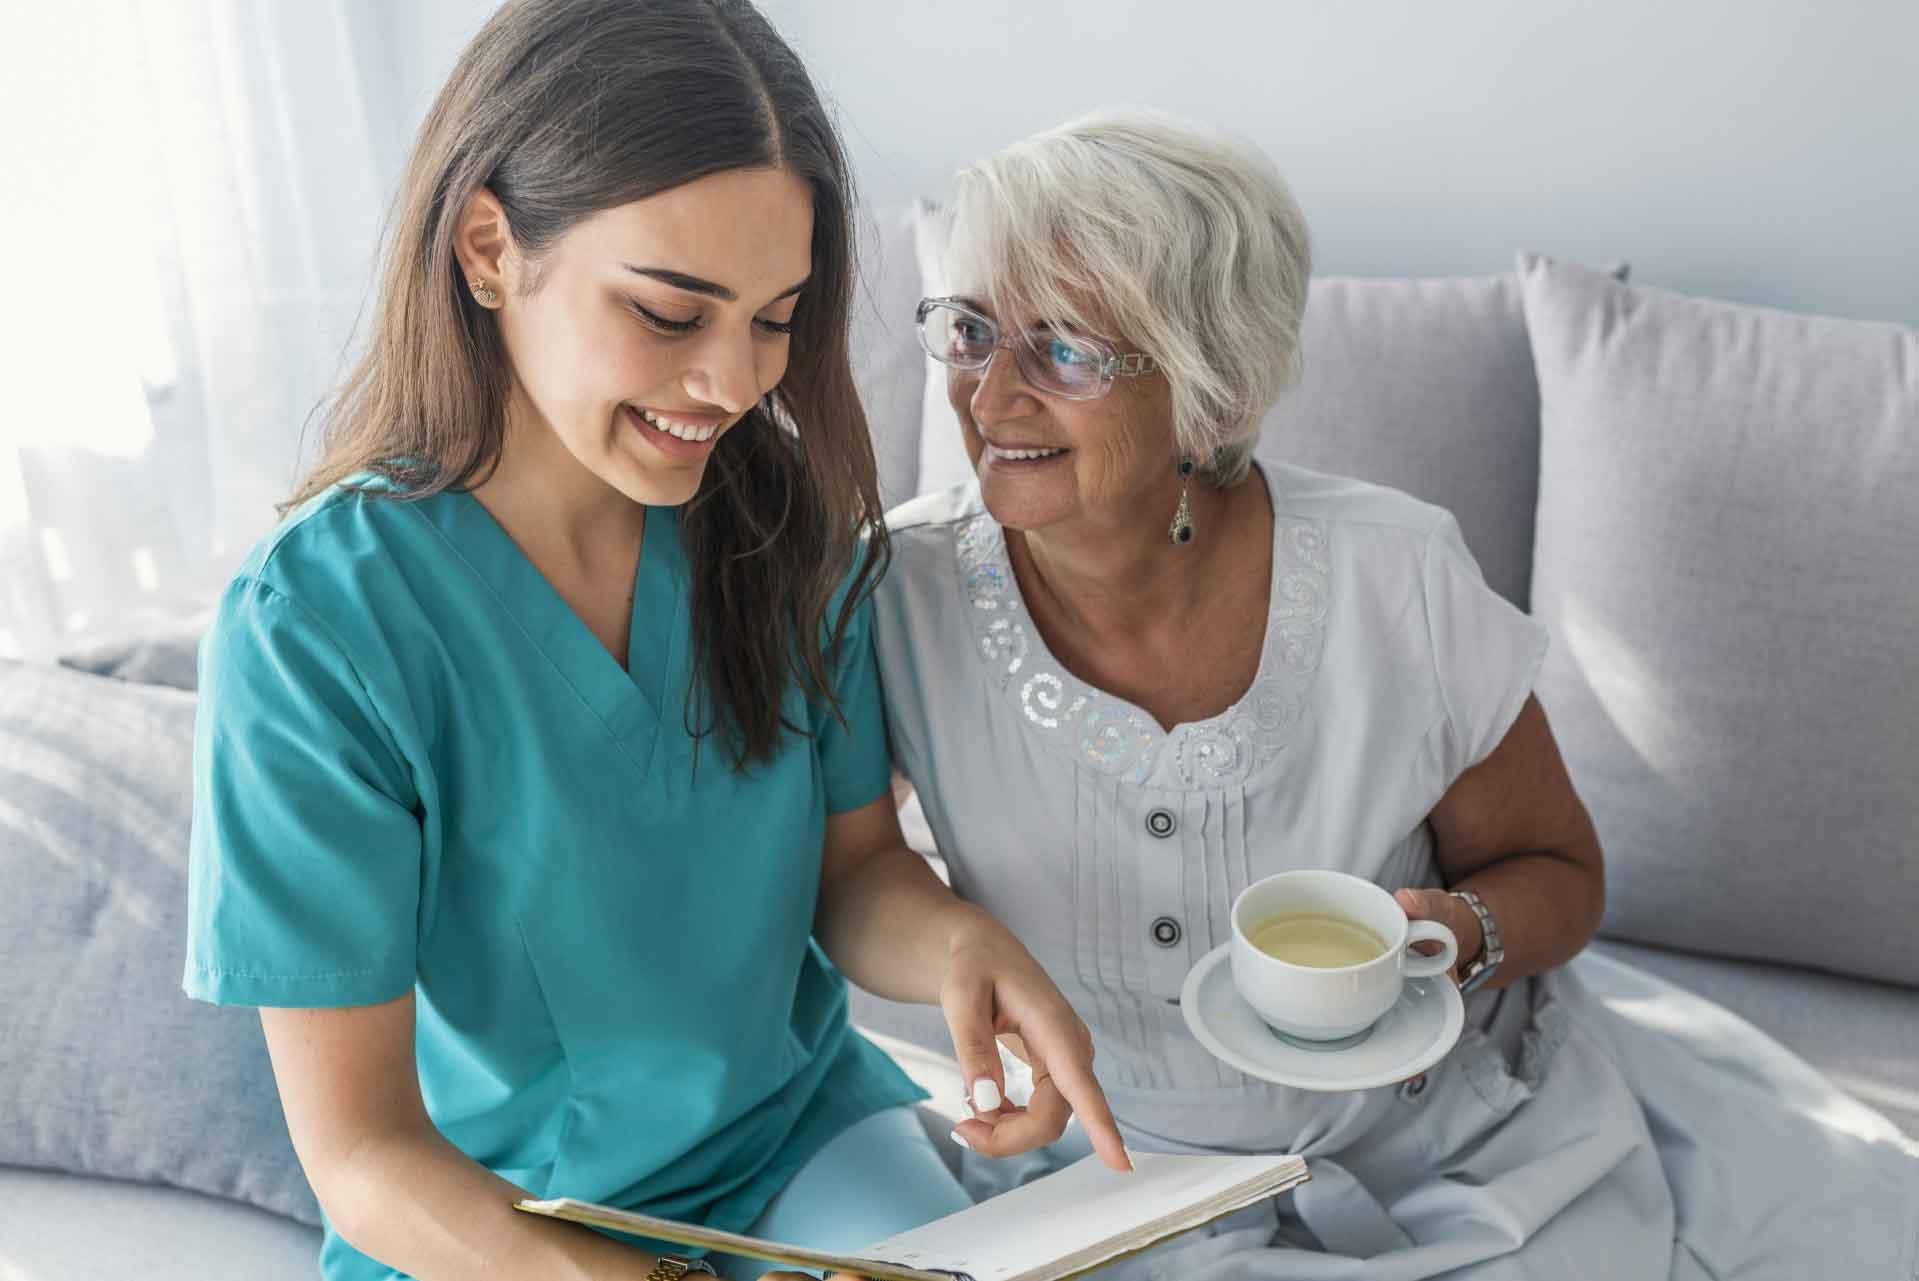 استخدام پرستار سالمند در منزل | مرکز پارسیان مهرپرور